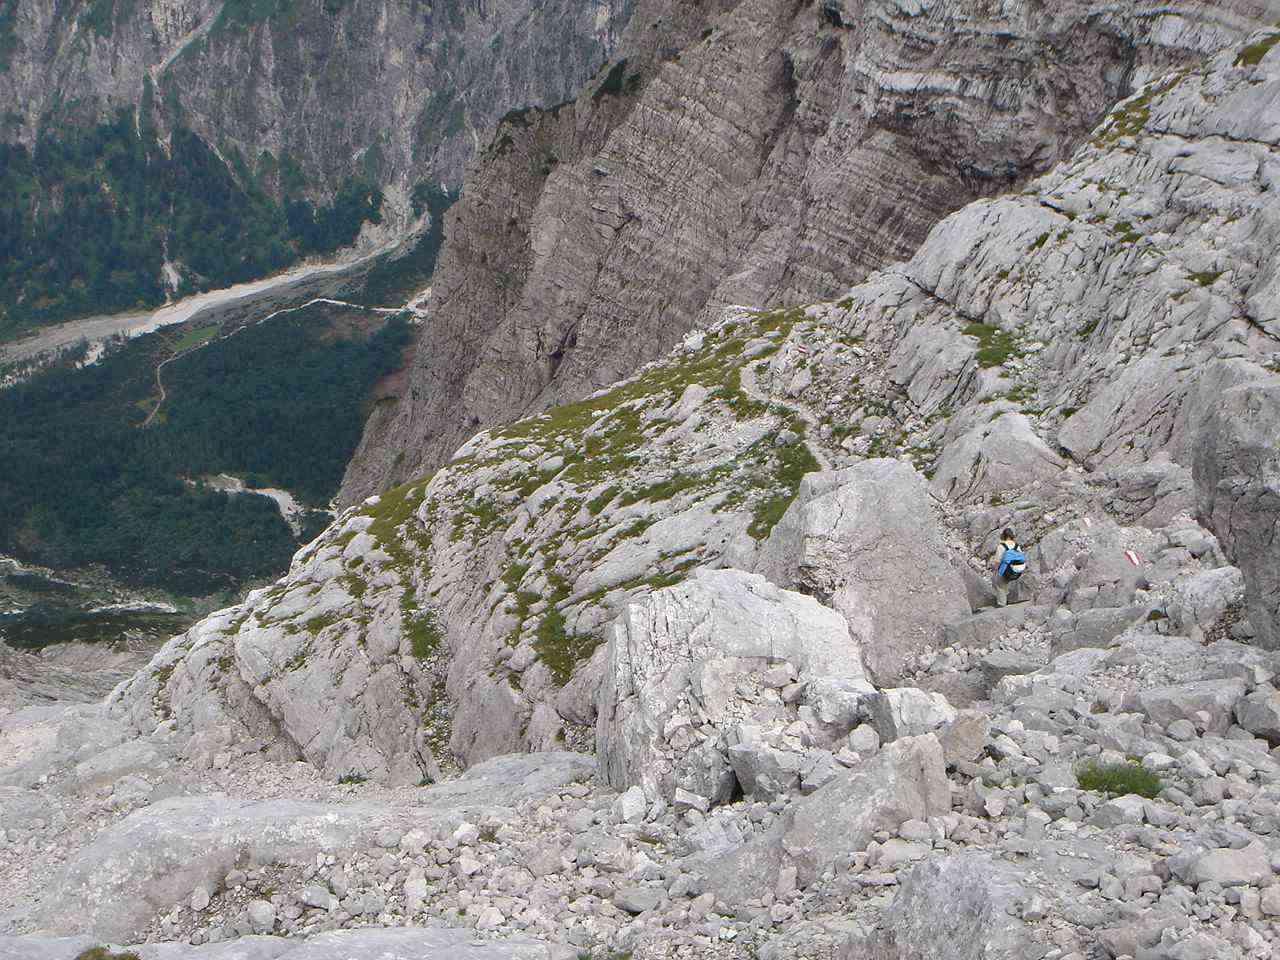 Foto: Manfred Karl / Wander Tour / Auf den Zwölfer über den Grießkarsteig / Oberhalb des Urban-Bandes. / 18.05.2007 14:32:22